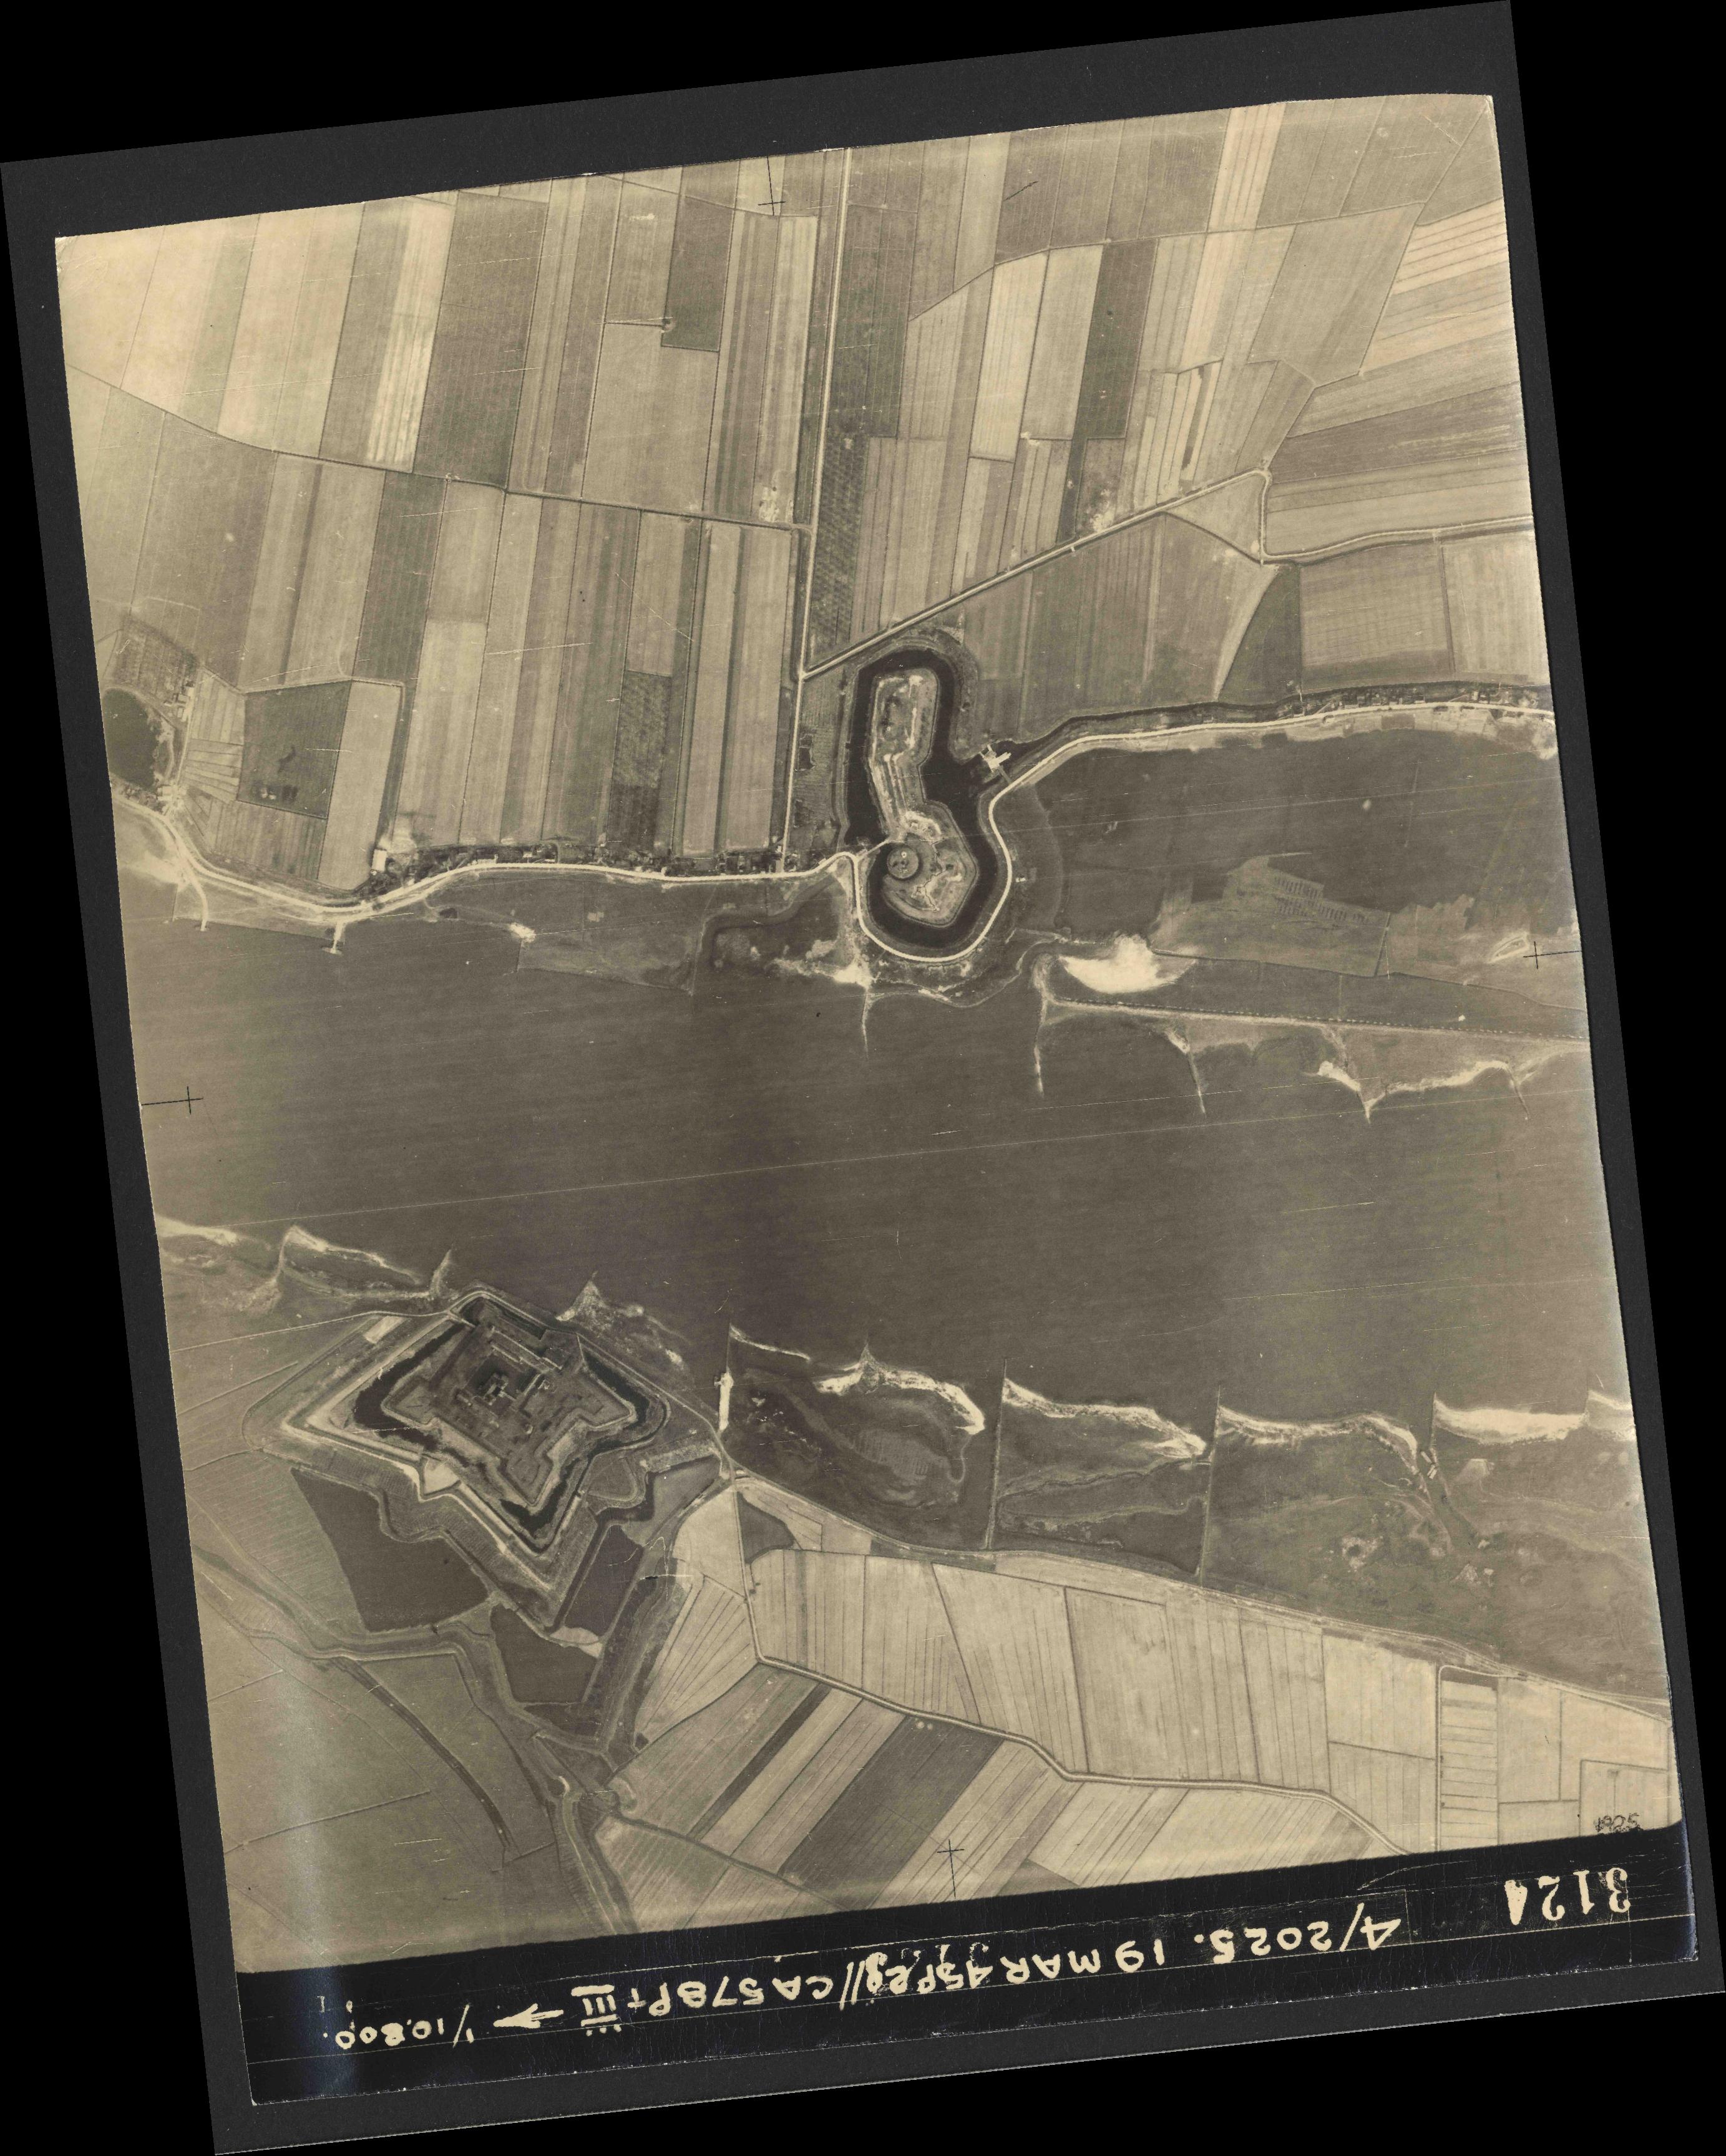 Collection RAF aerial photos 1940-1945 - flight 094, run 06, photo 3124